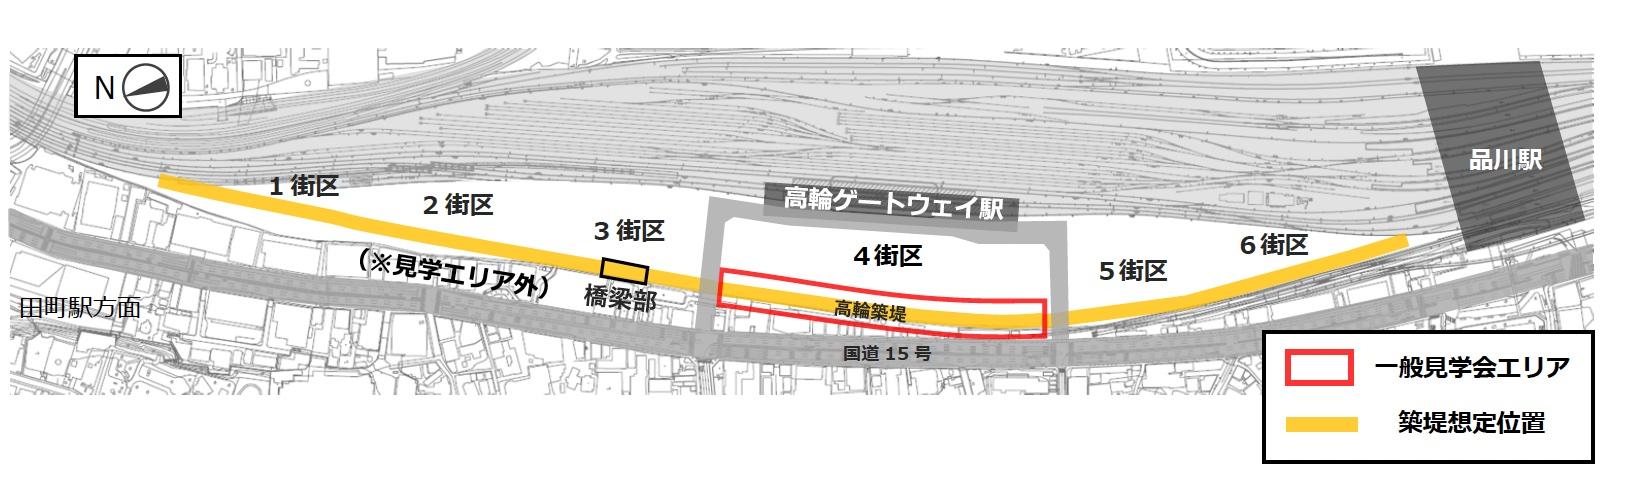 f:id:hiro-jp:20210714130655j:plain